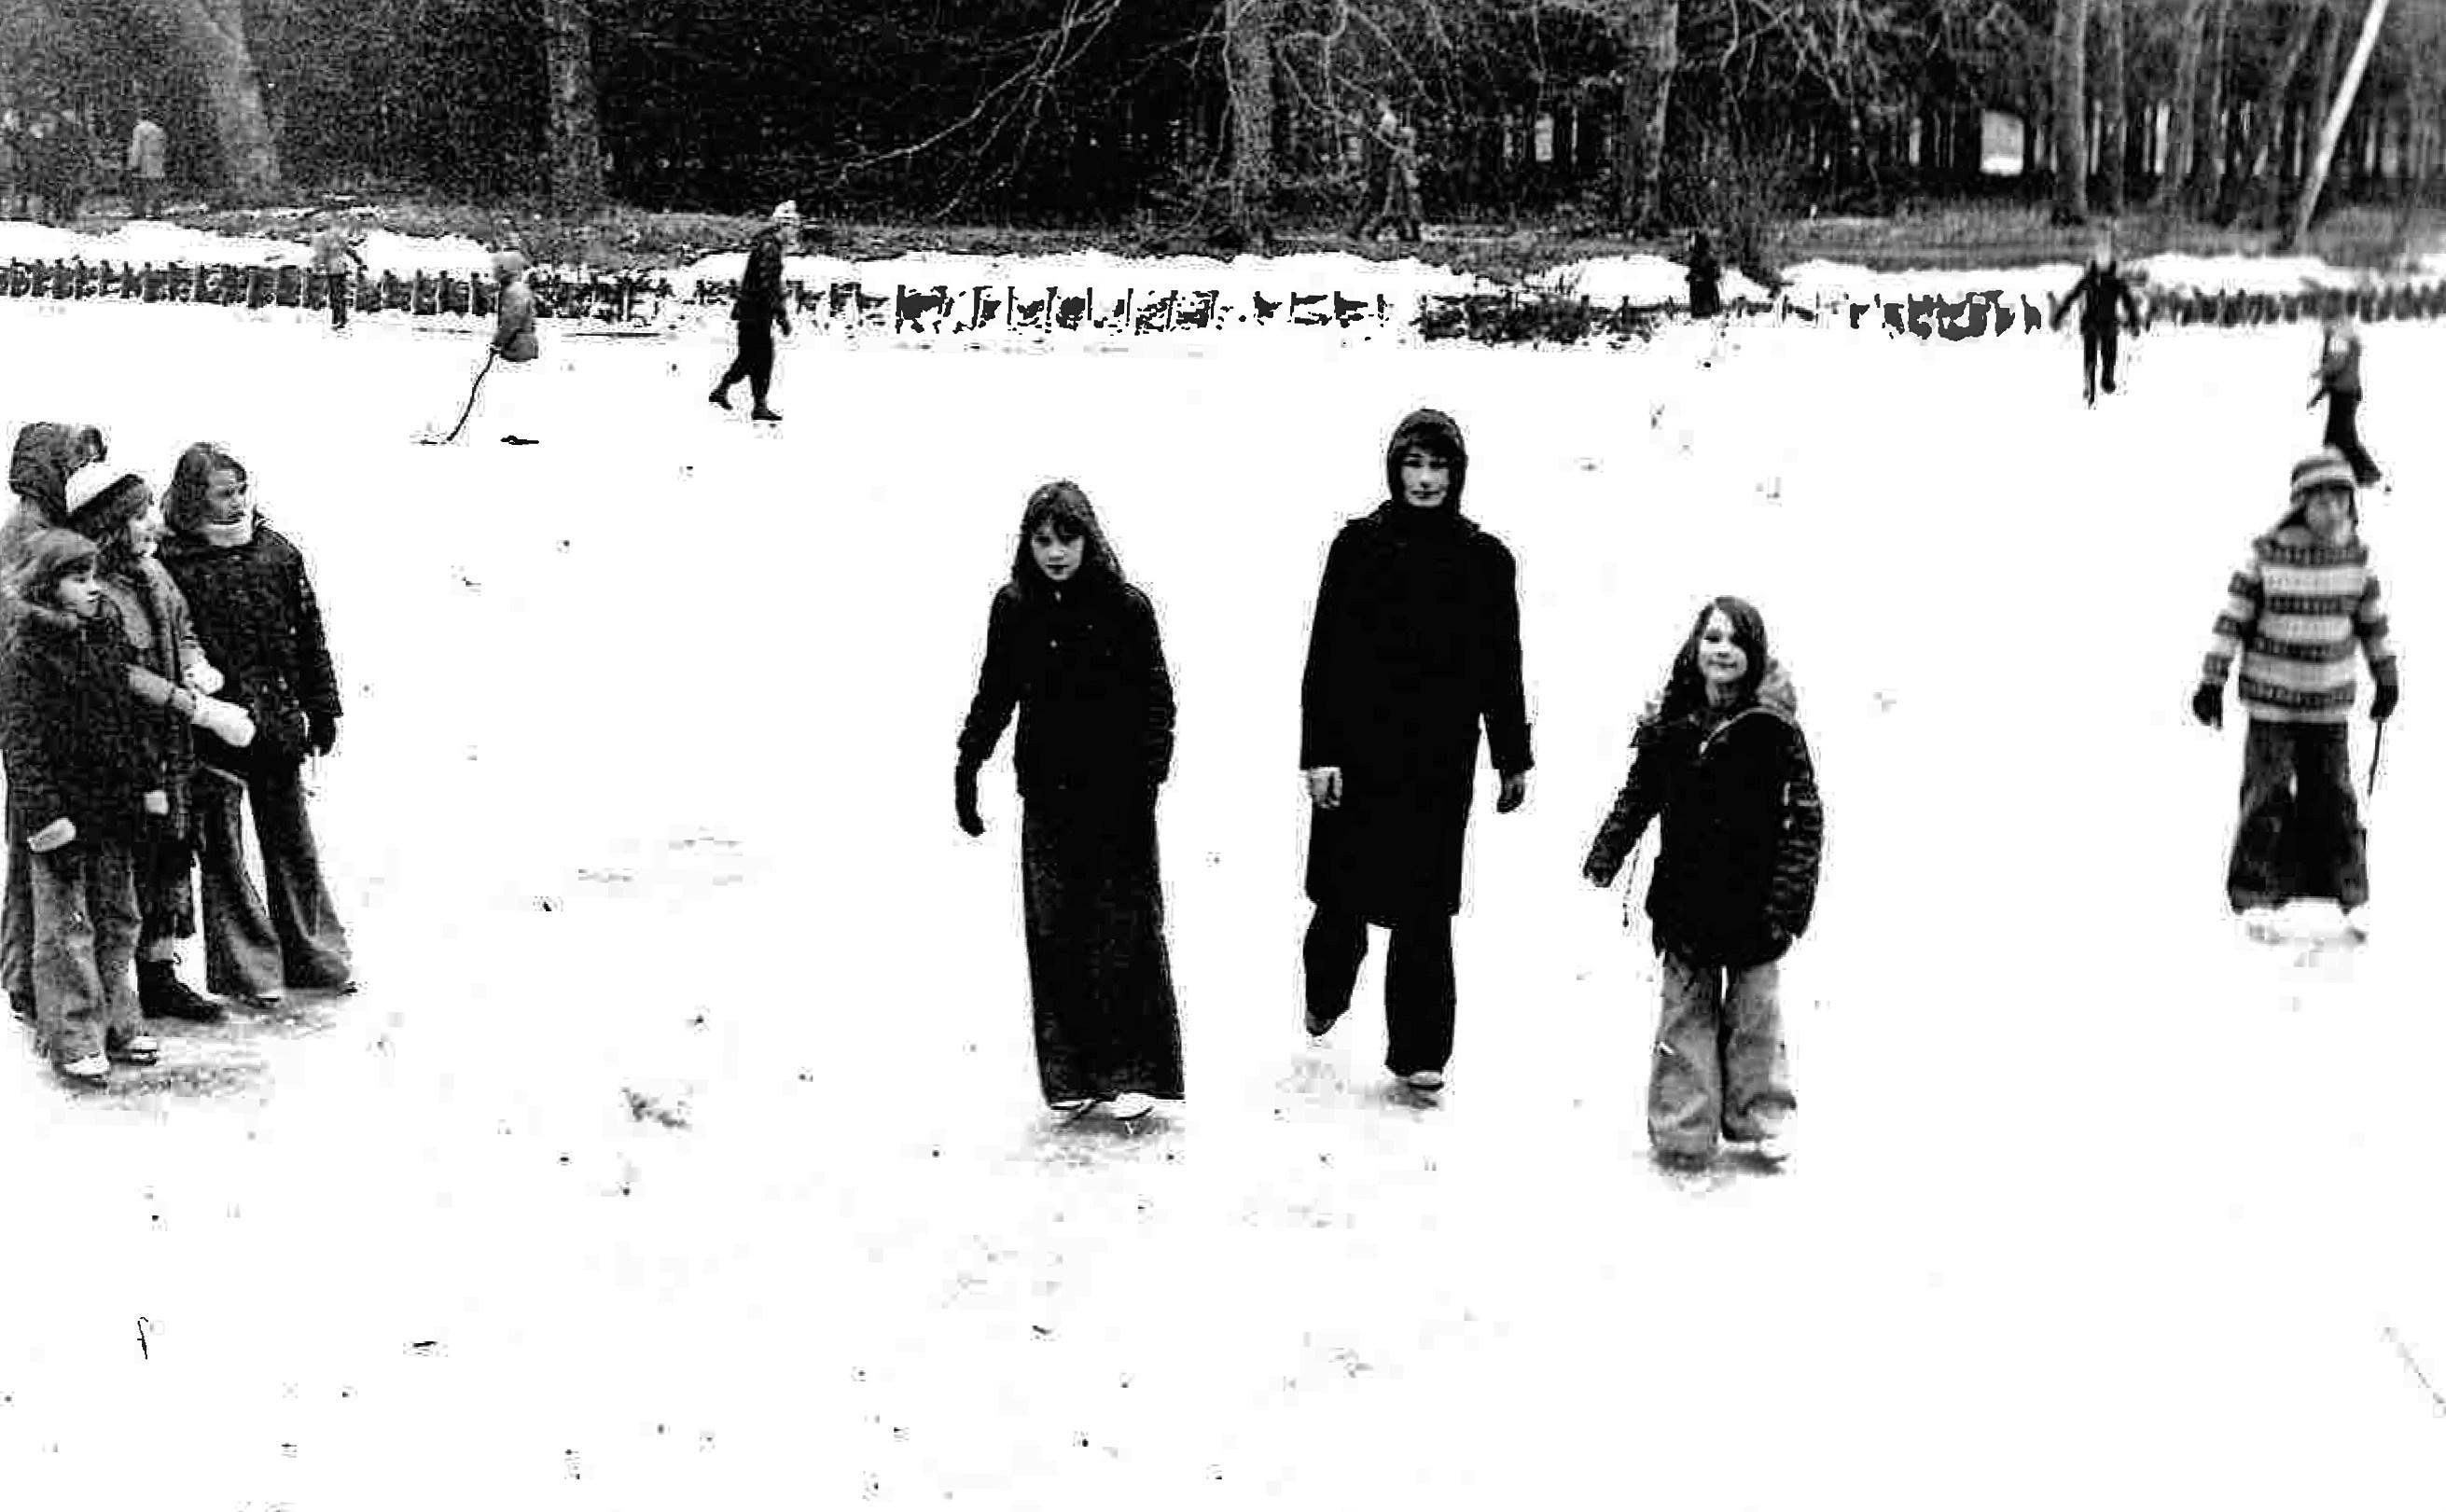 Skating_1970s_Denmark_Marina_Aagaard_blog